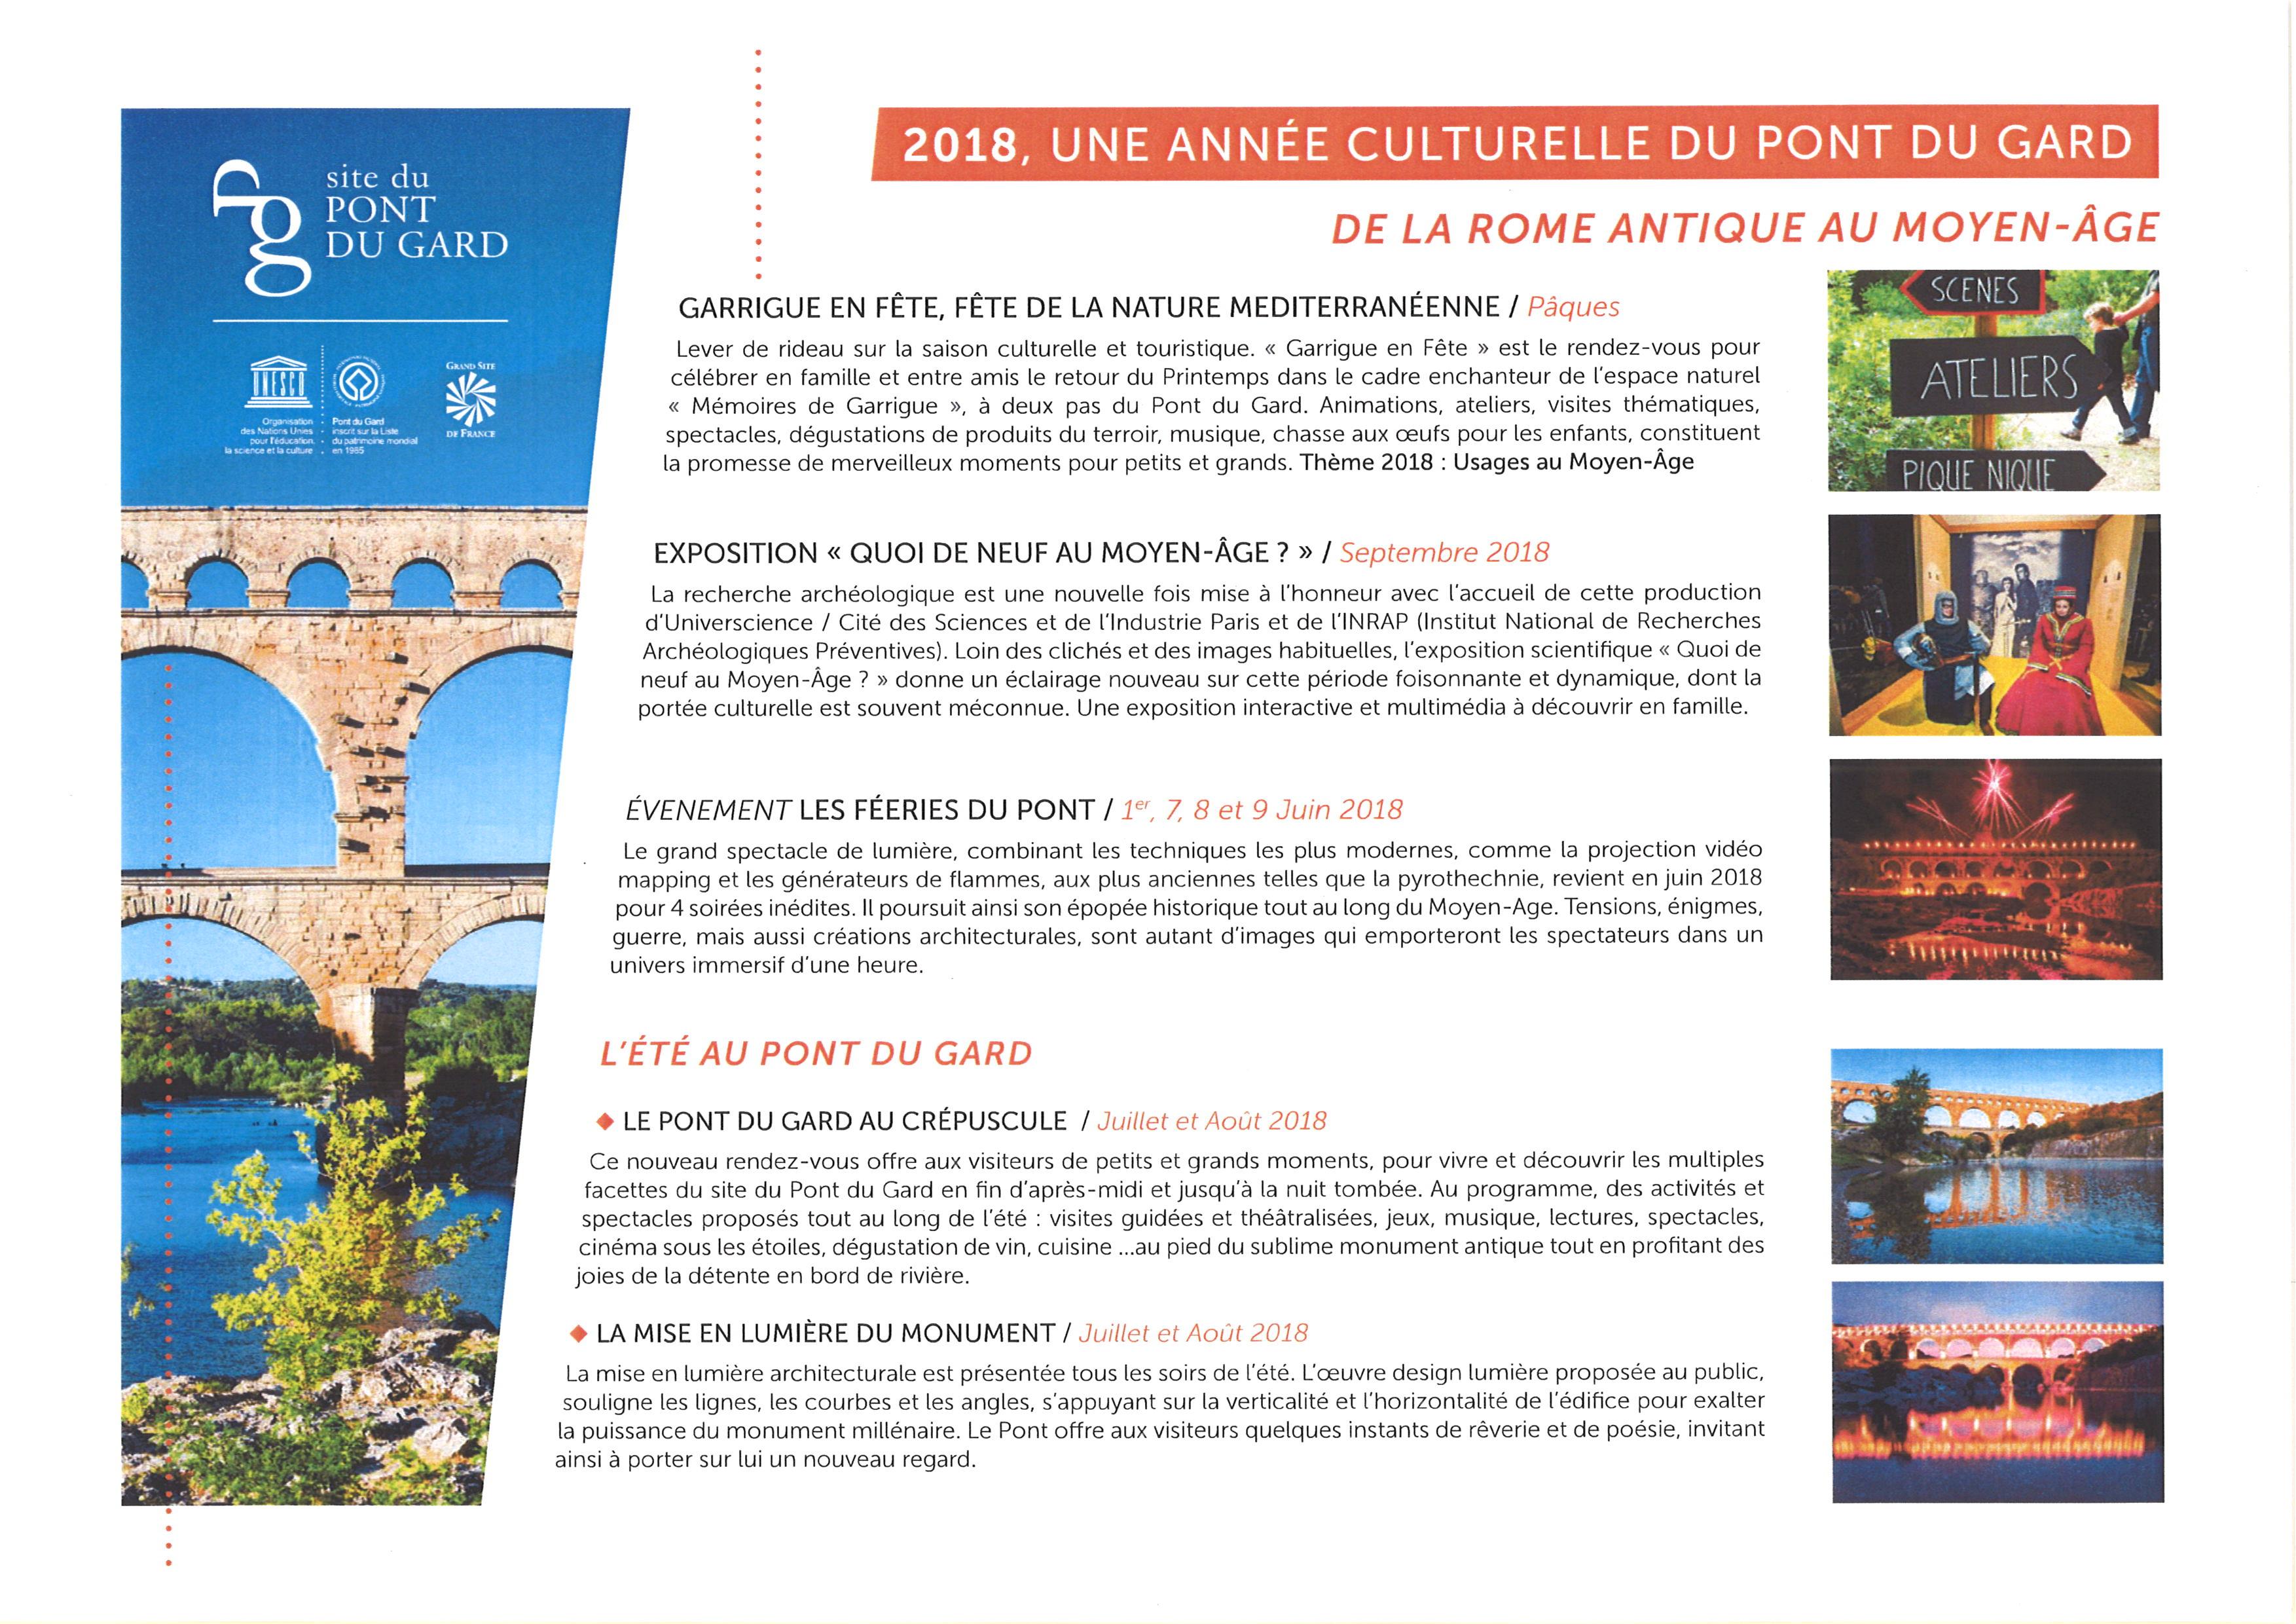 Tourisme mairie de souvignargues gard - Office de tourisme du pont du gard ...